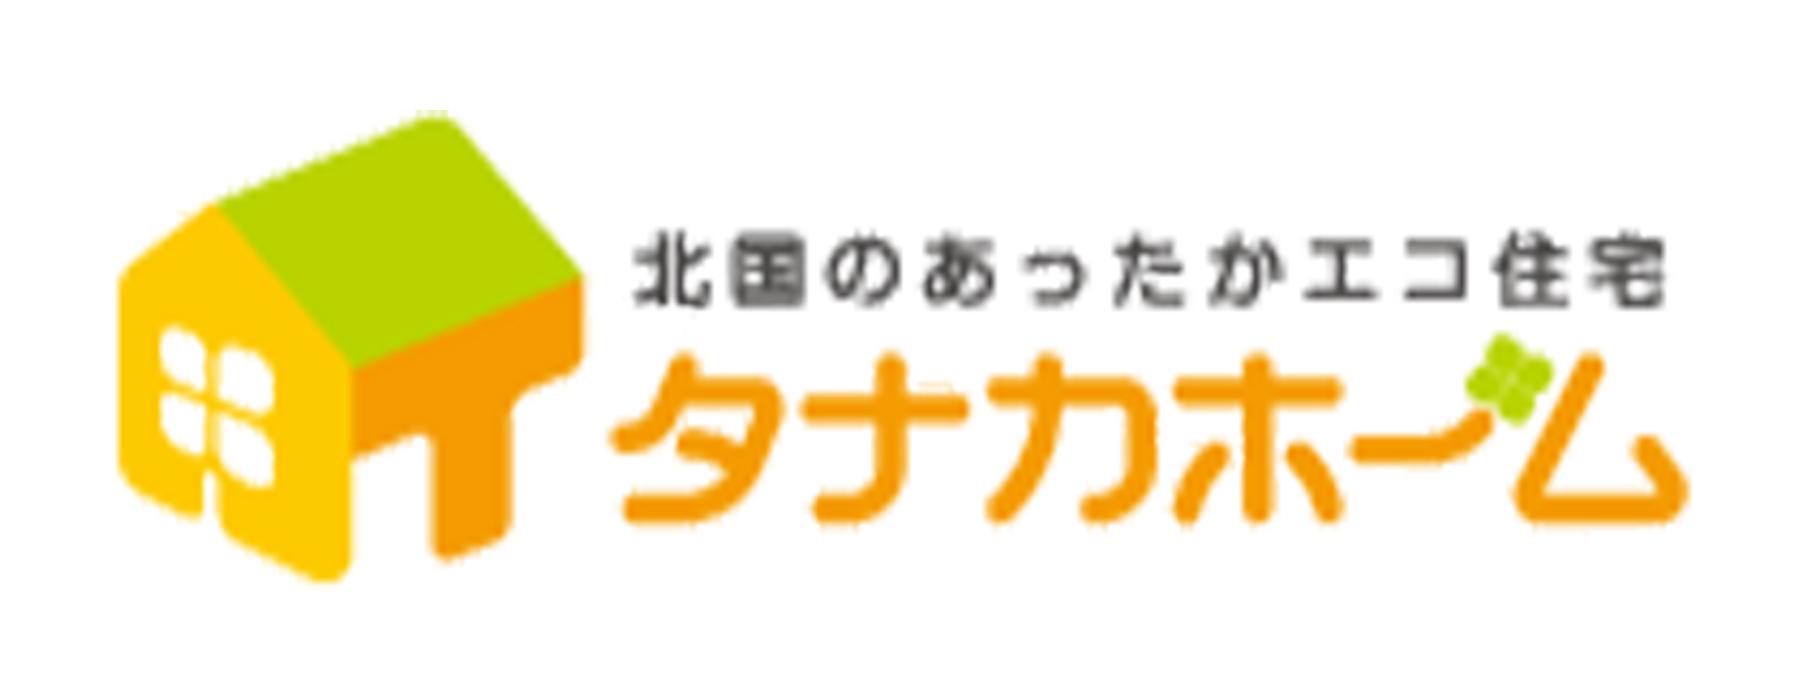 タナカホーム株式会社